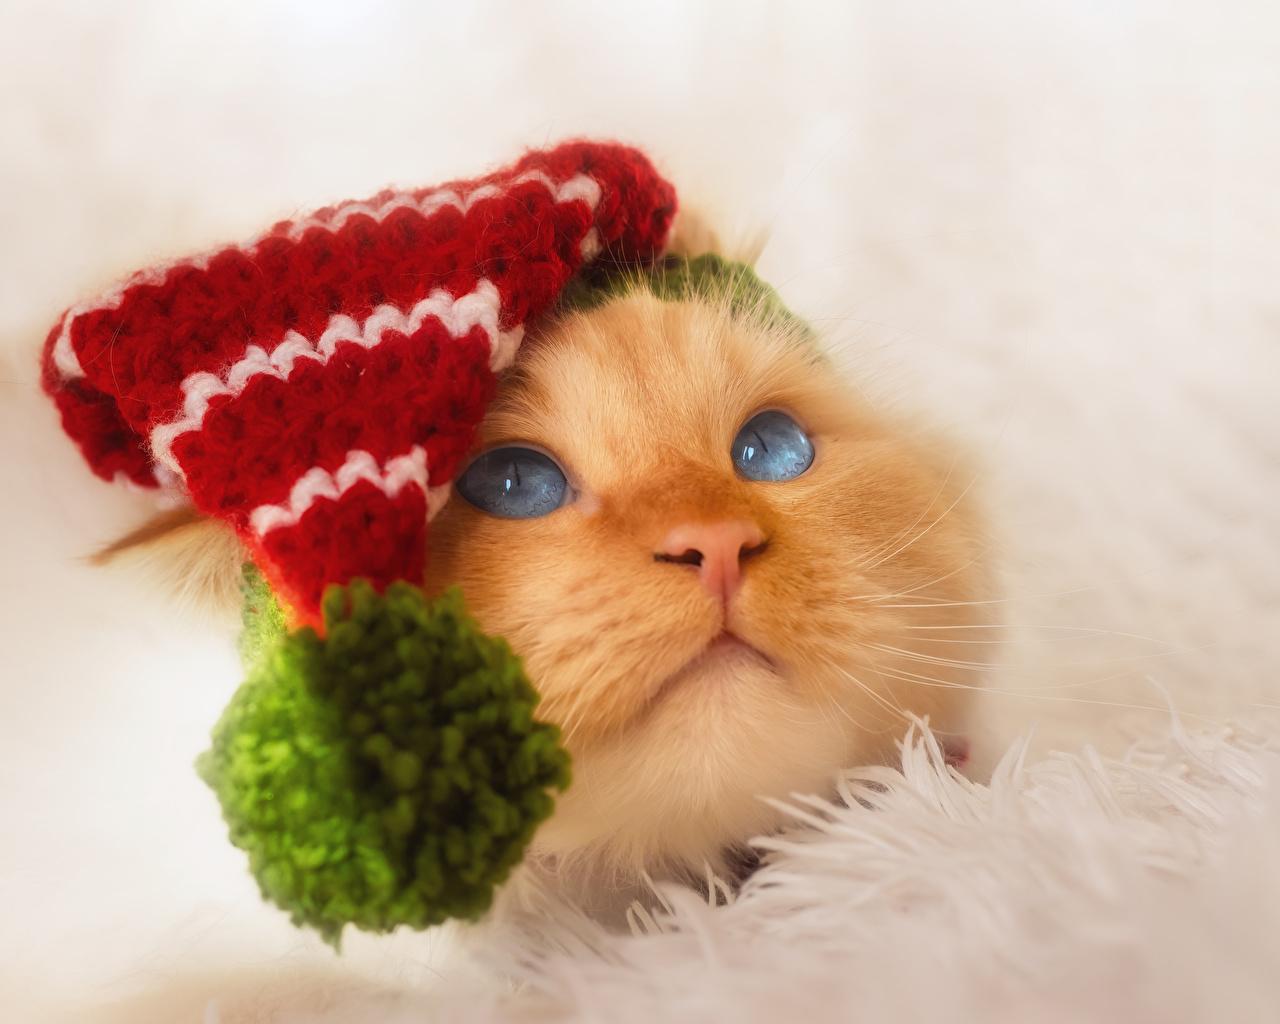 Фотография Кошки Шапки морды Взгляд Животные кот коты кошка шапка в шапке Морда смотрит смотрят животное